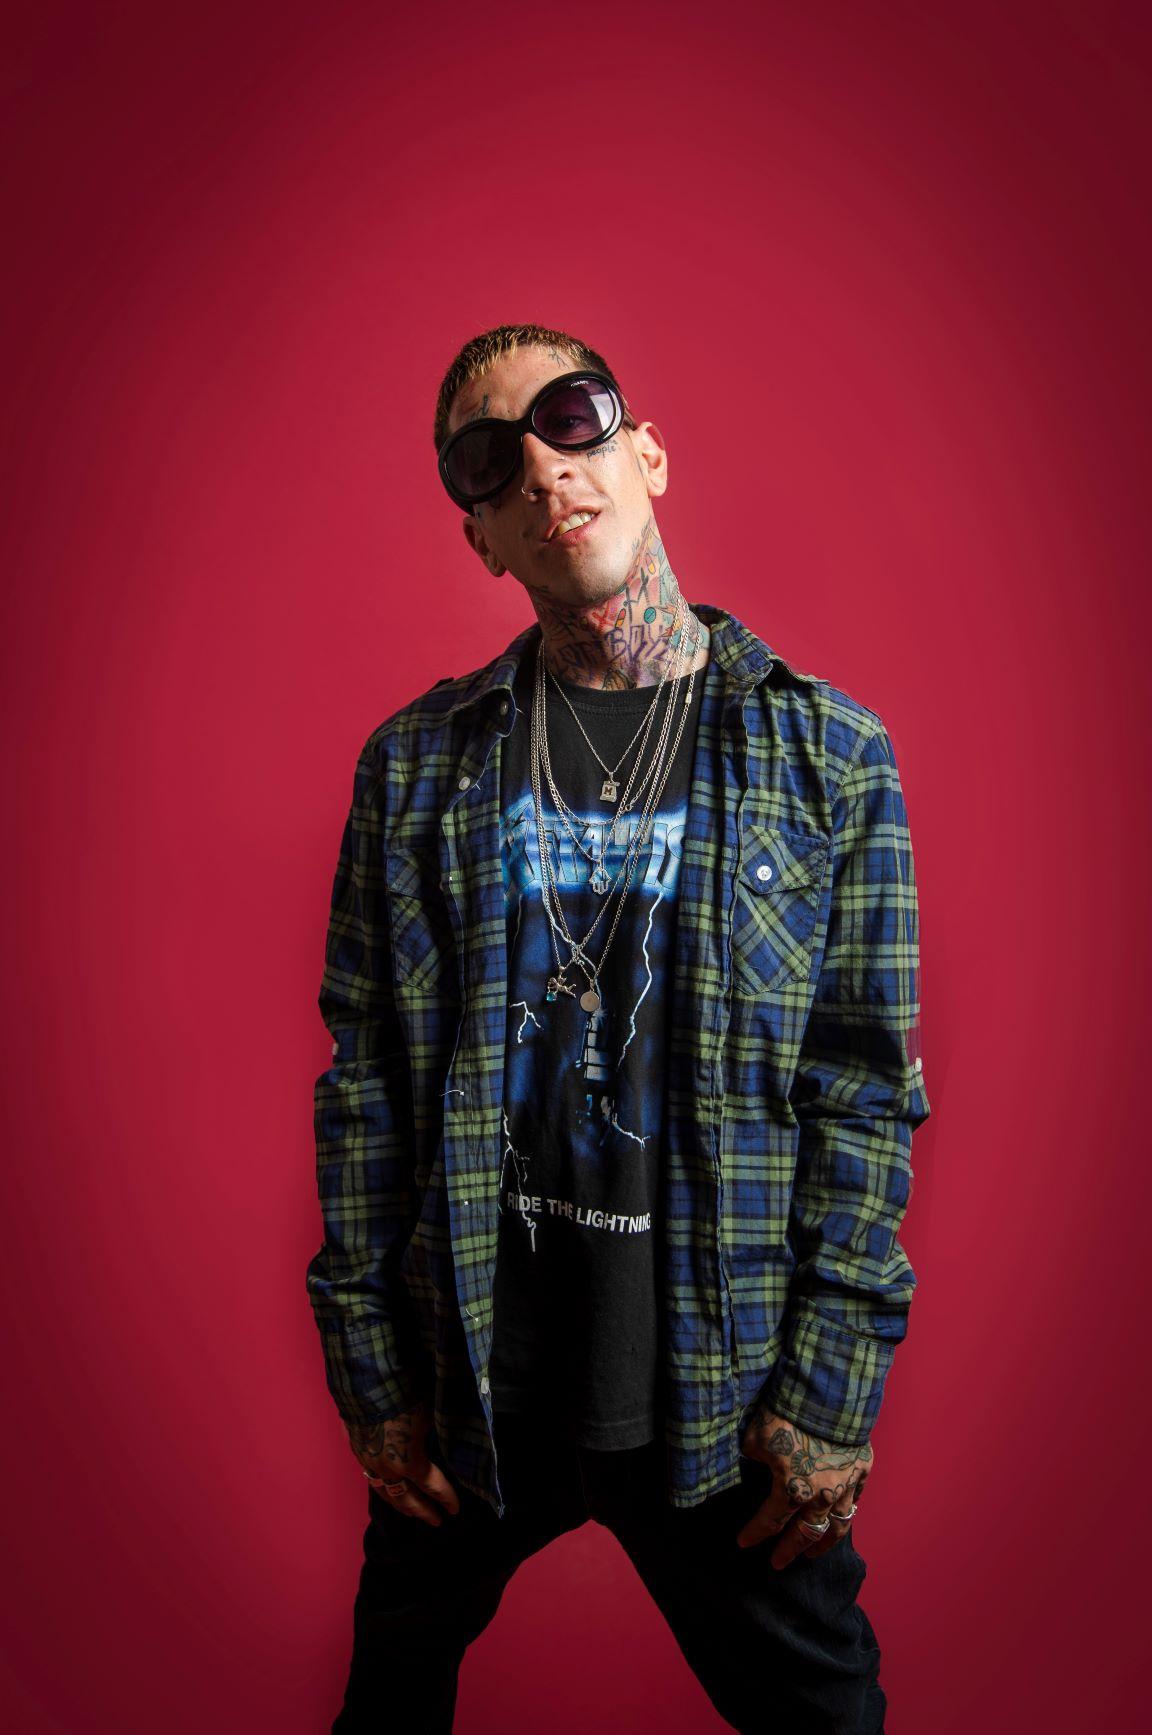 """Entrevista al artista urbano Lil Dirty: """"No basta solo con cantar bien y tener un buen ritmo, la imagen, la actitud y el carisma también influyen"""""""